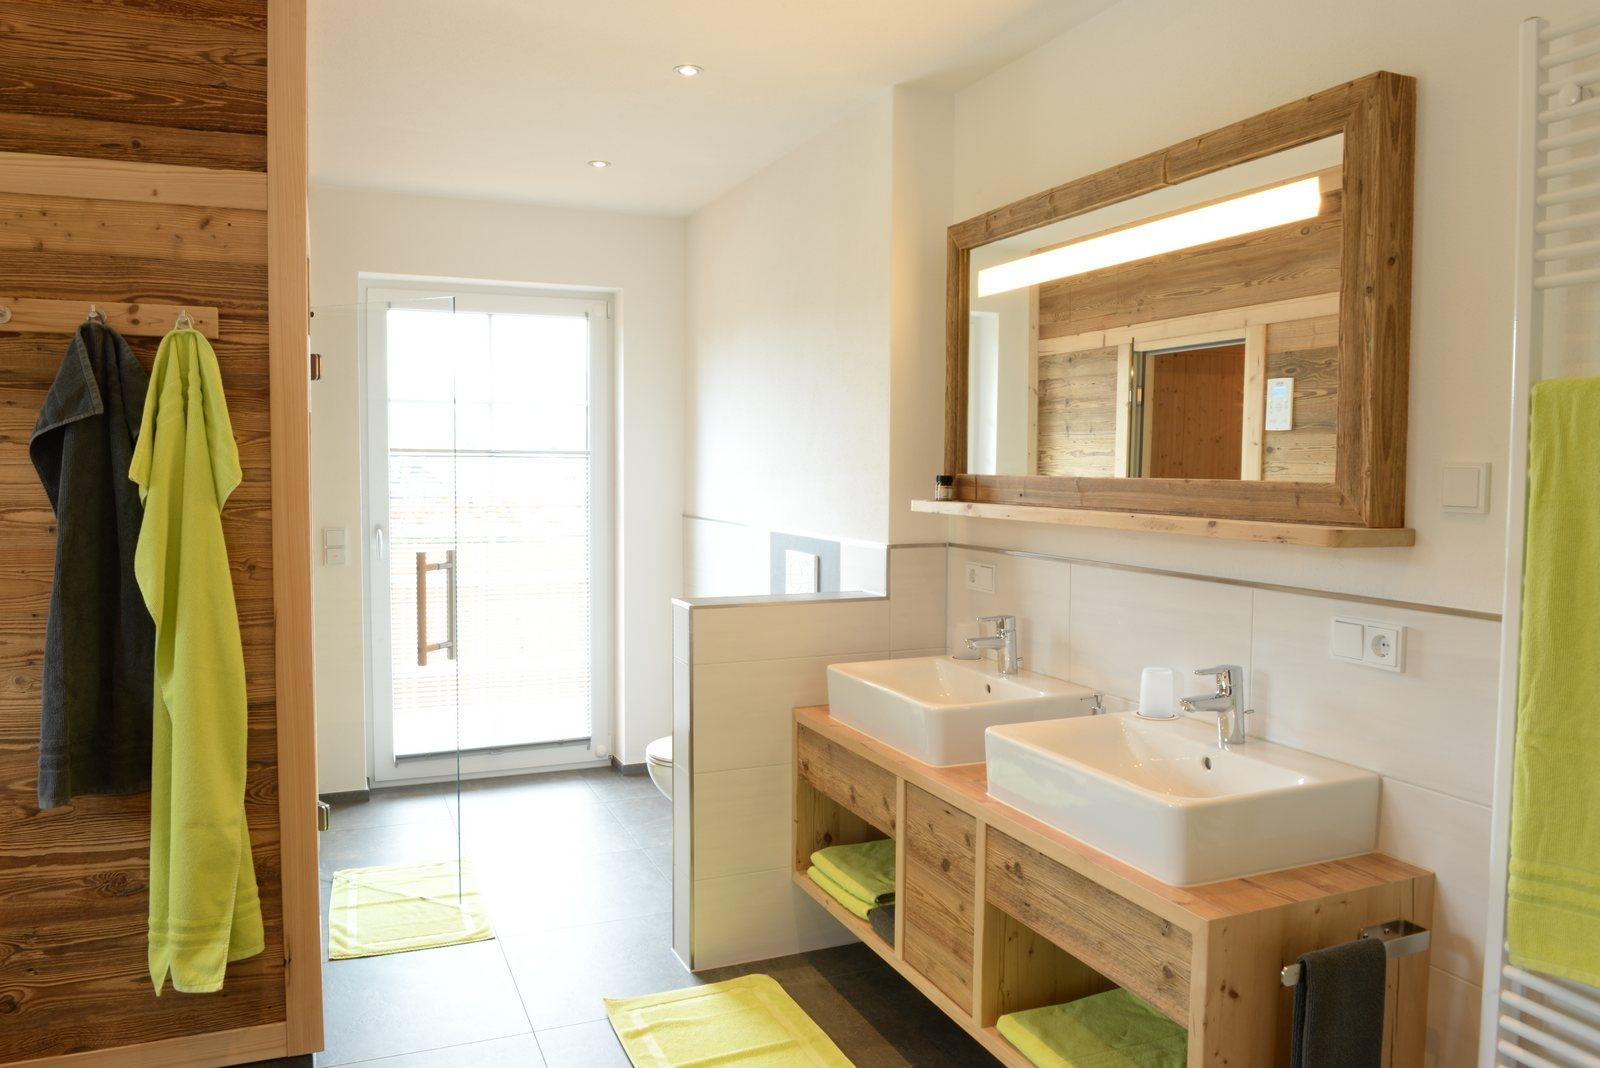 Schön ... Fewo 2 Badezimmer Mit Sauna Und Wanne ...